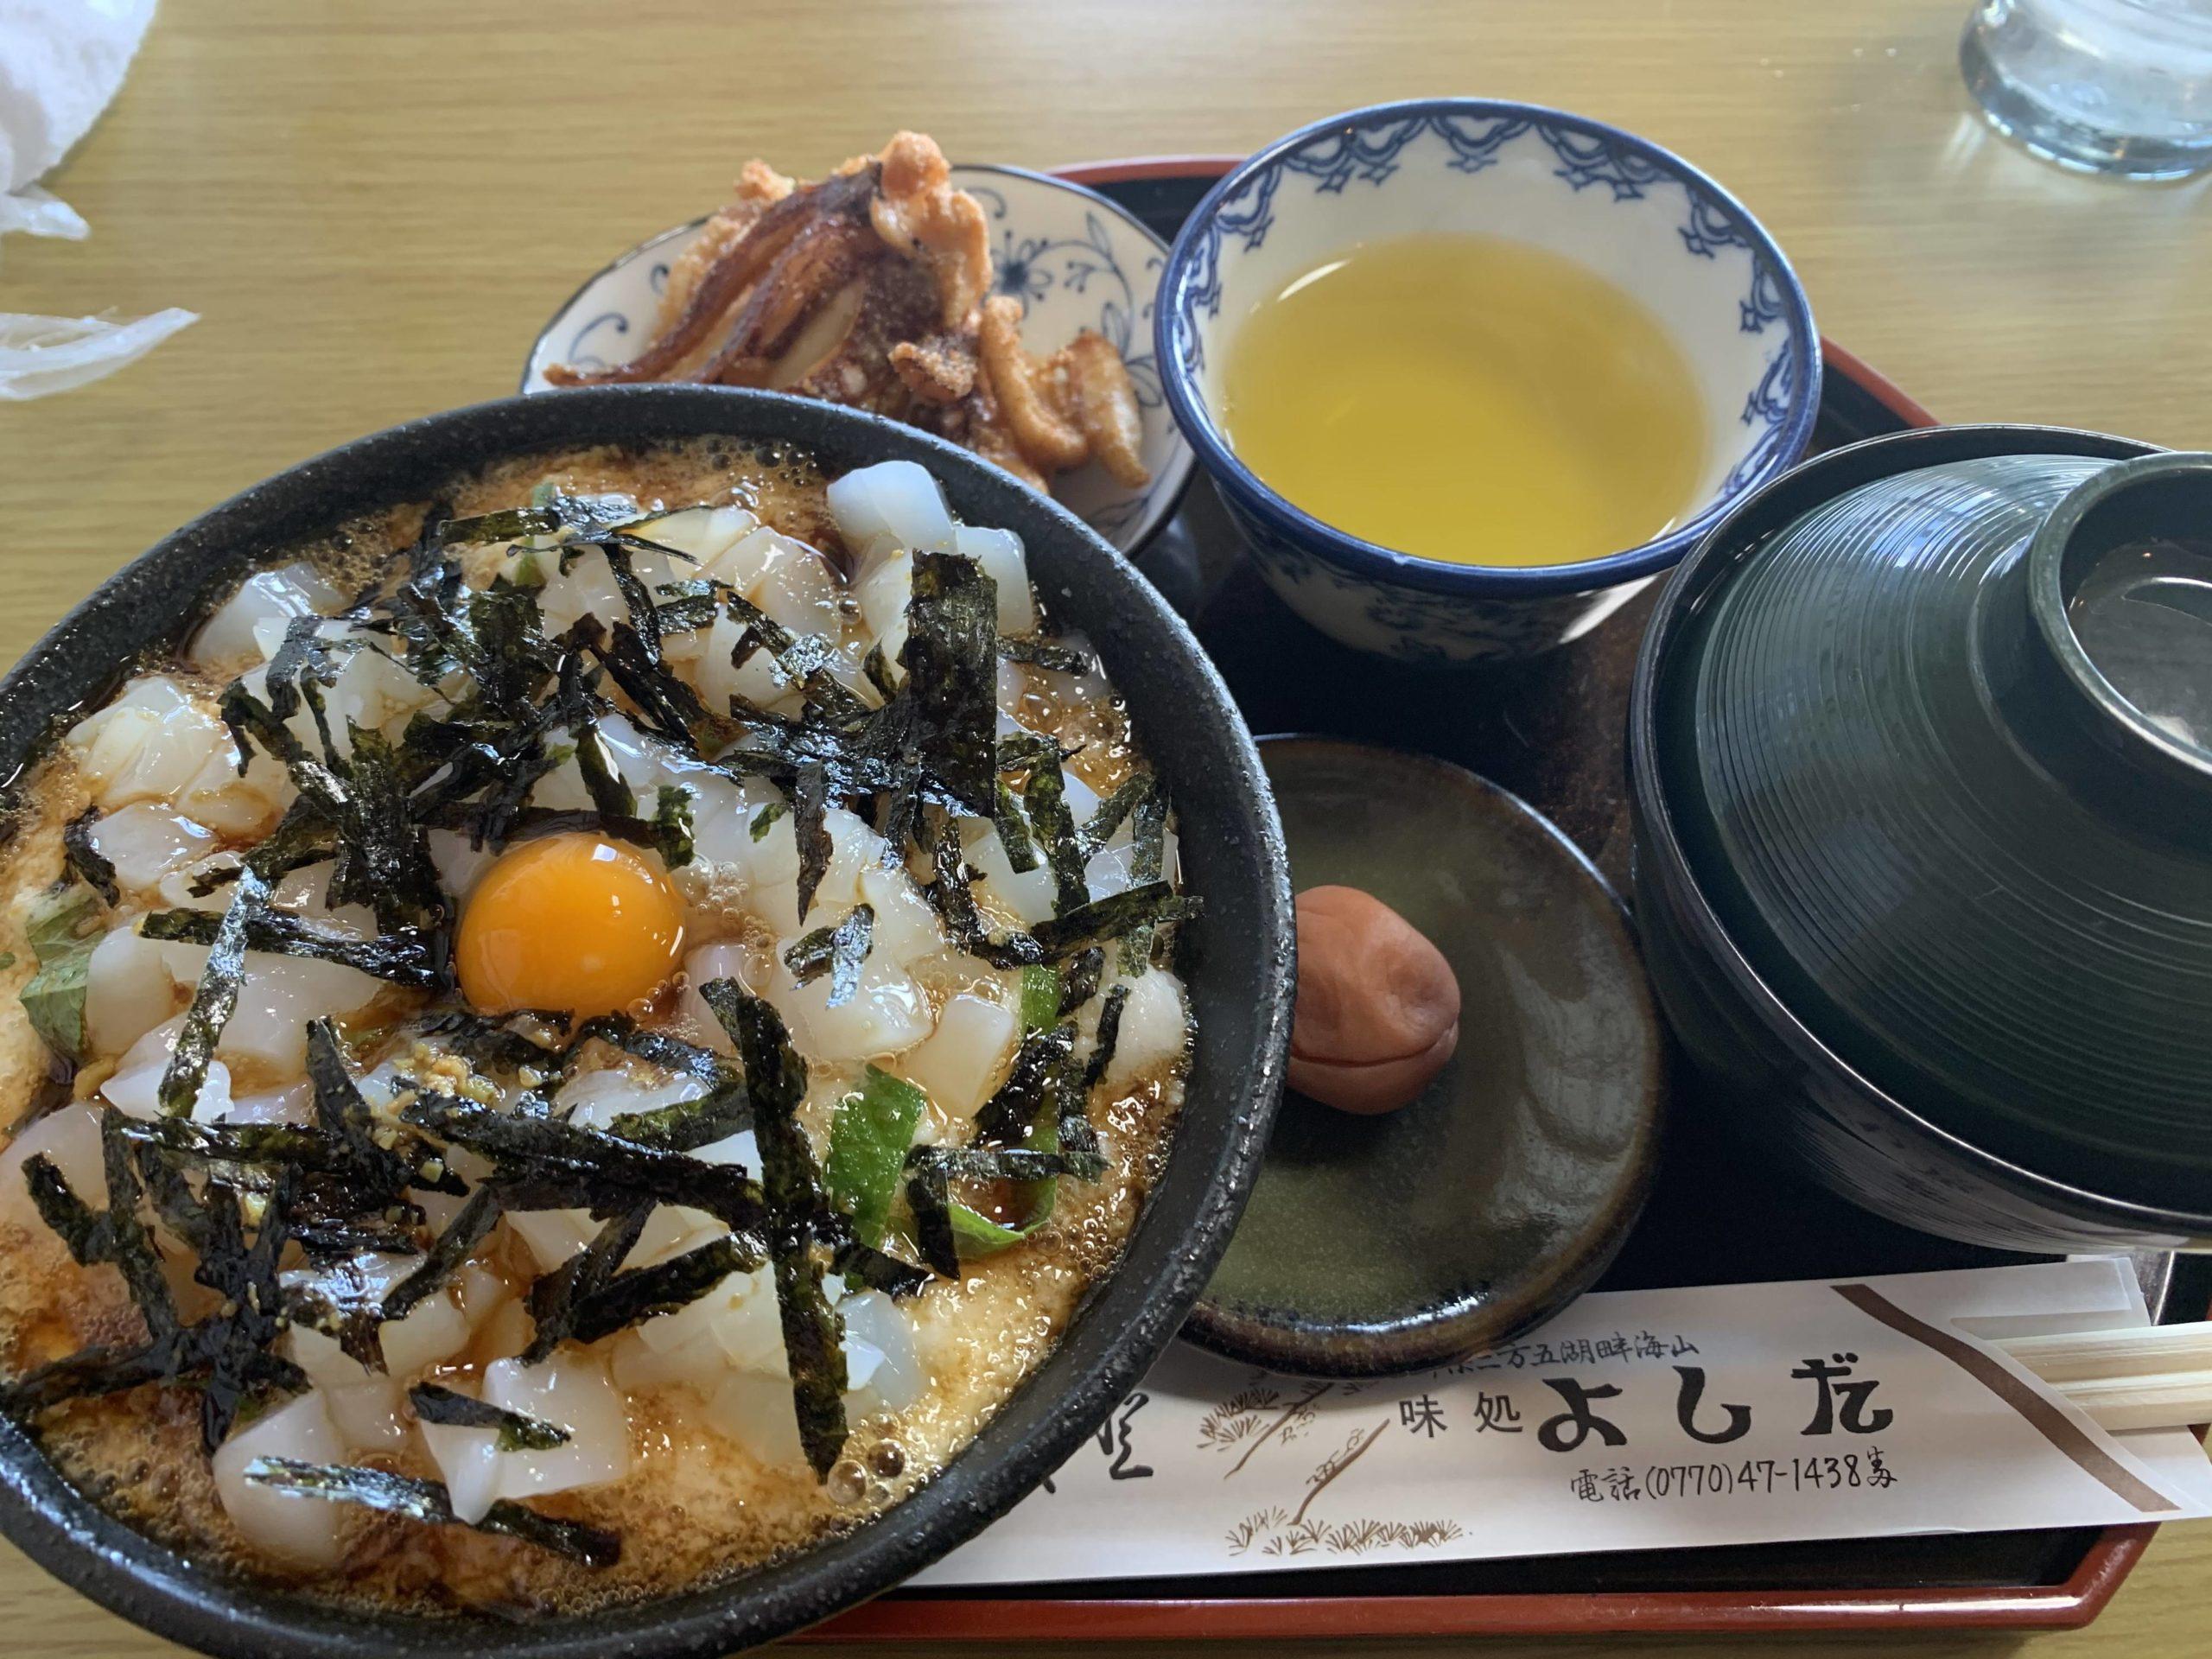 わざわざ福井県までイカ丼食いに来たったwwwwww